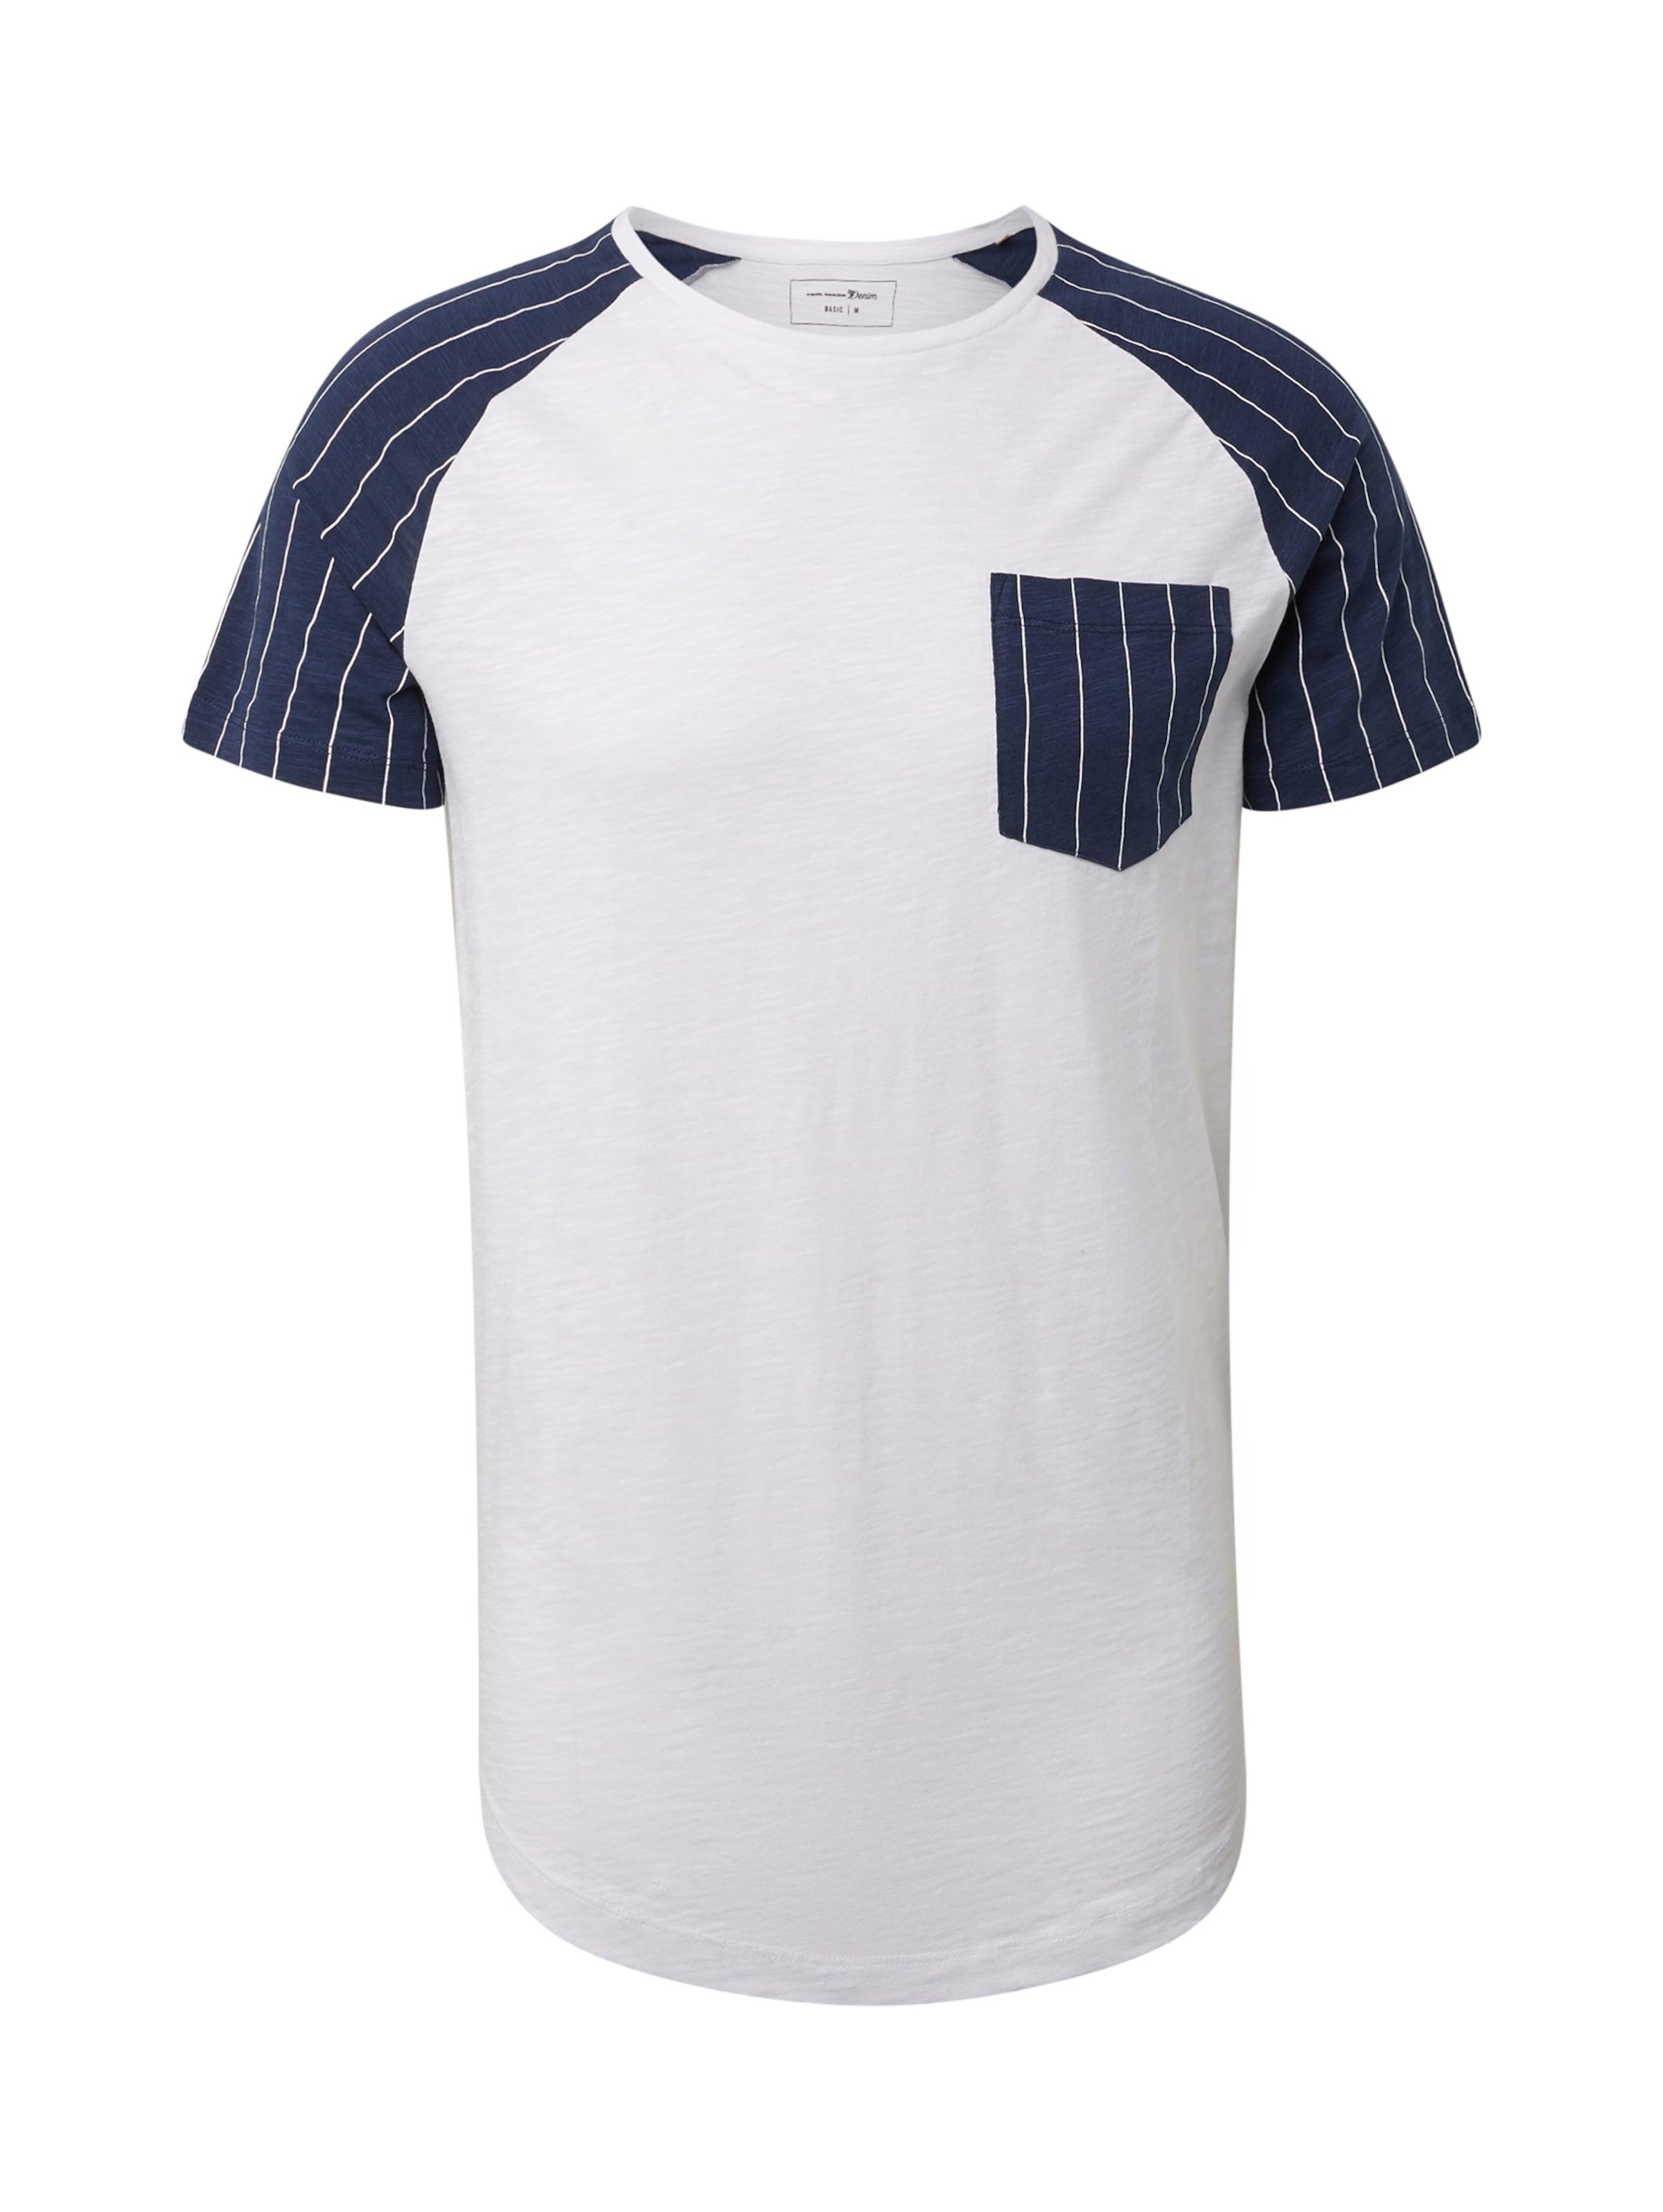 Tom Denim shirt T Weiß In Brusttasche Tailor Mit EIYWH2D9